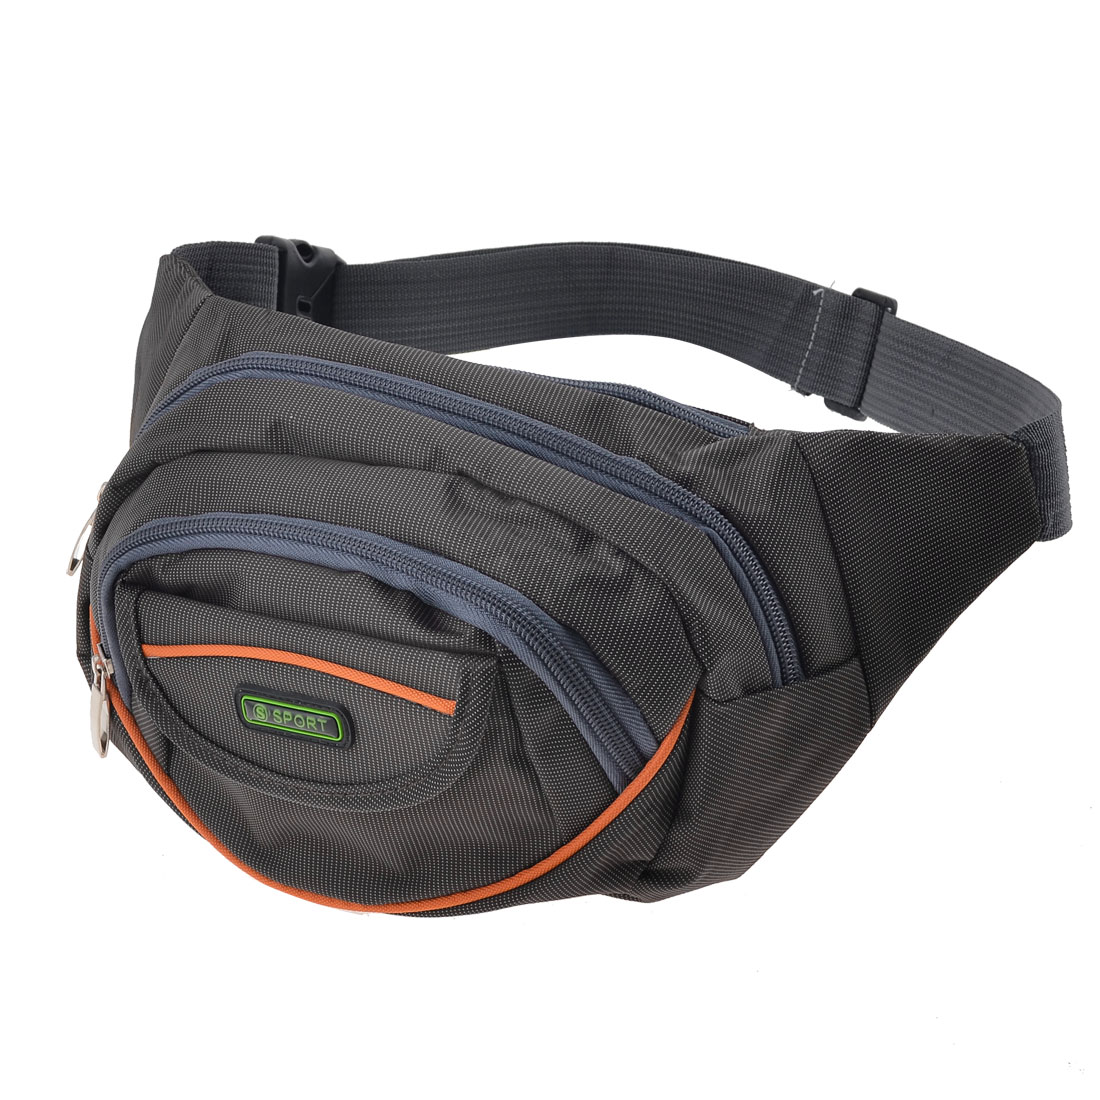 Hook Loop Closure Front Pocket Adjustable Belt Waist Pack Coffee Color for Men